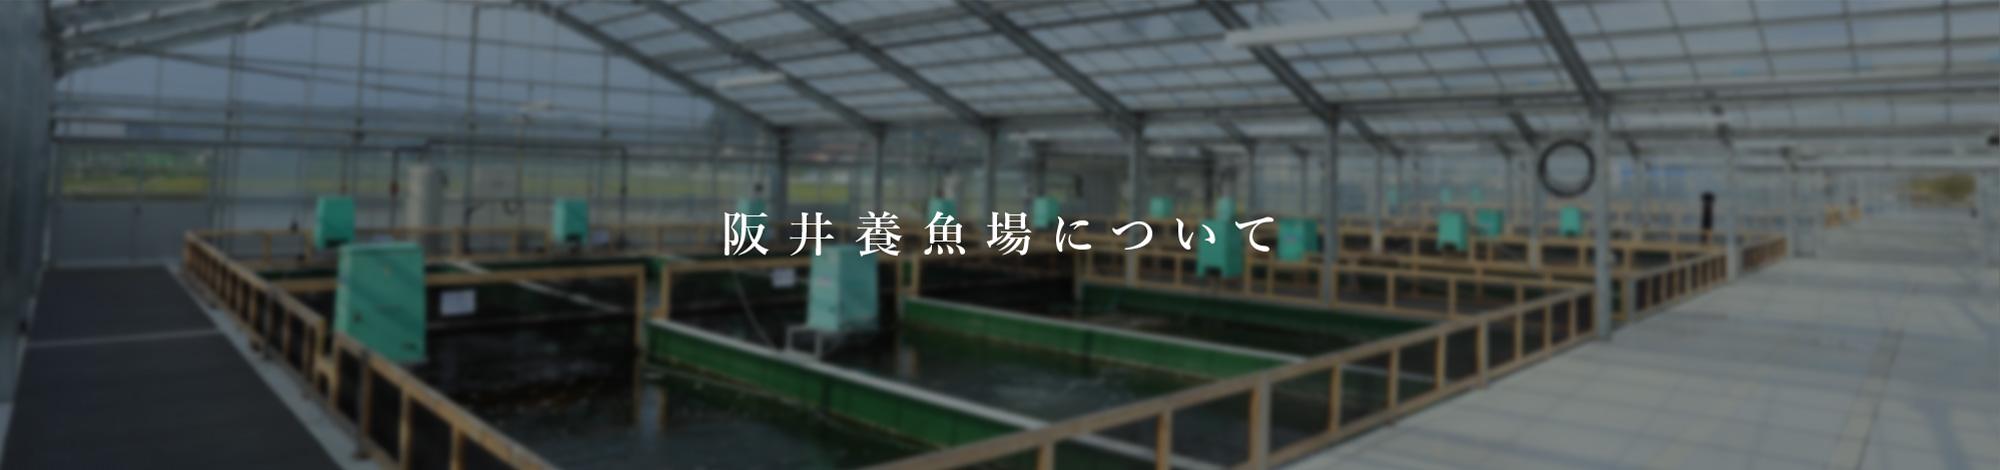 阪井養魚場について